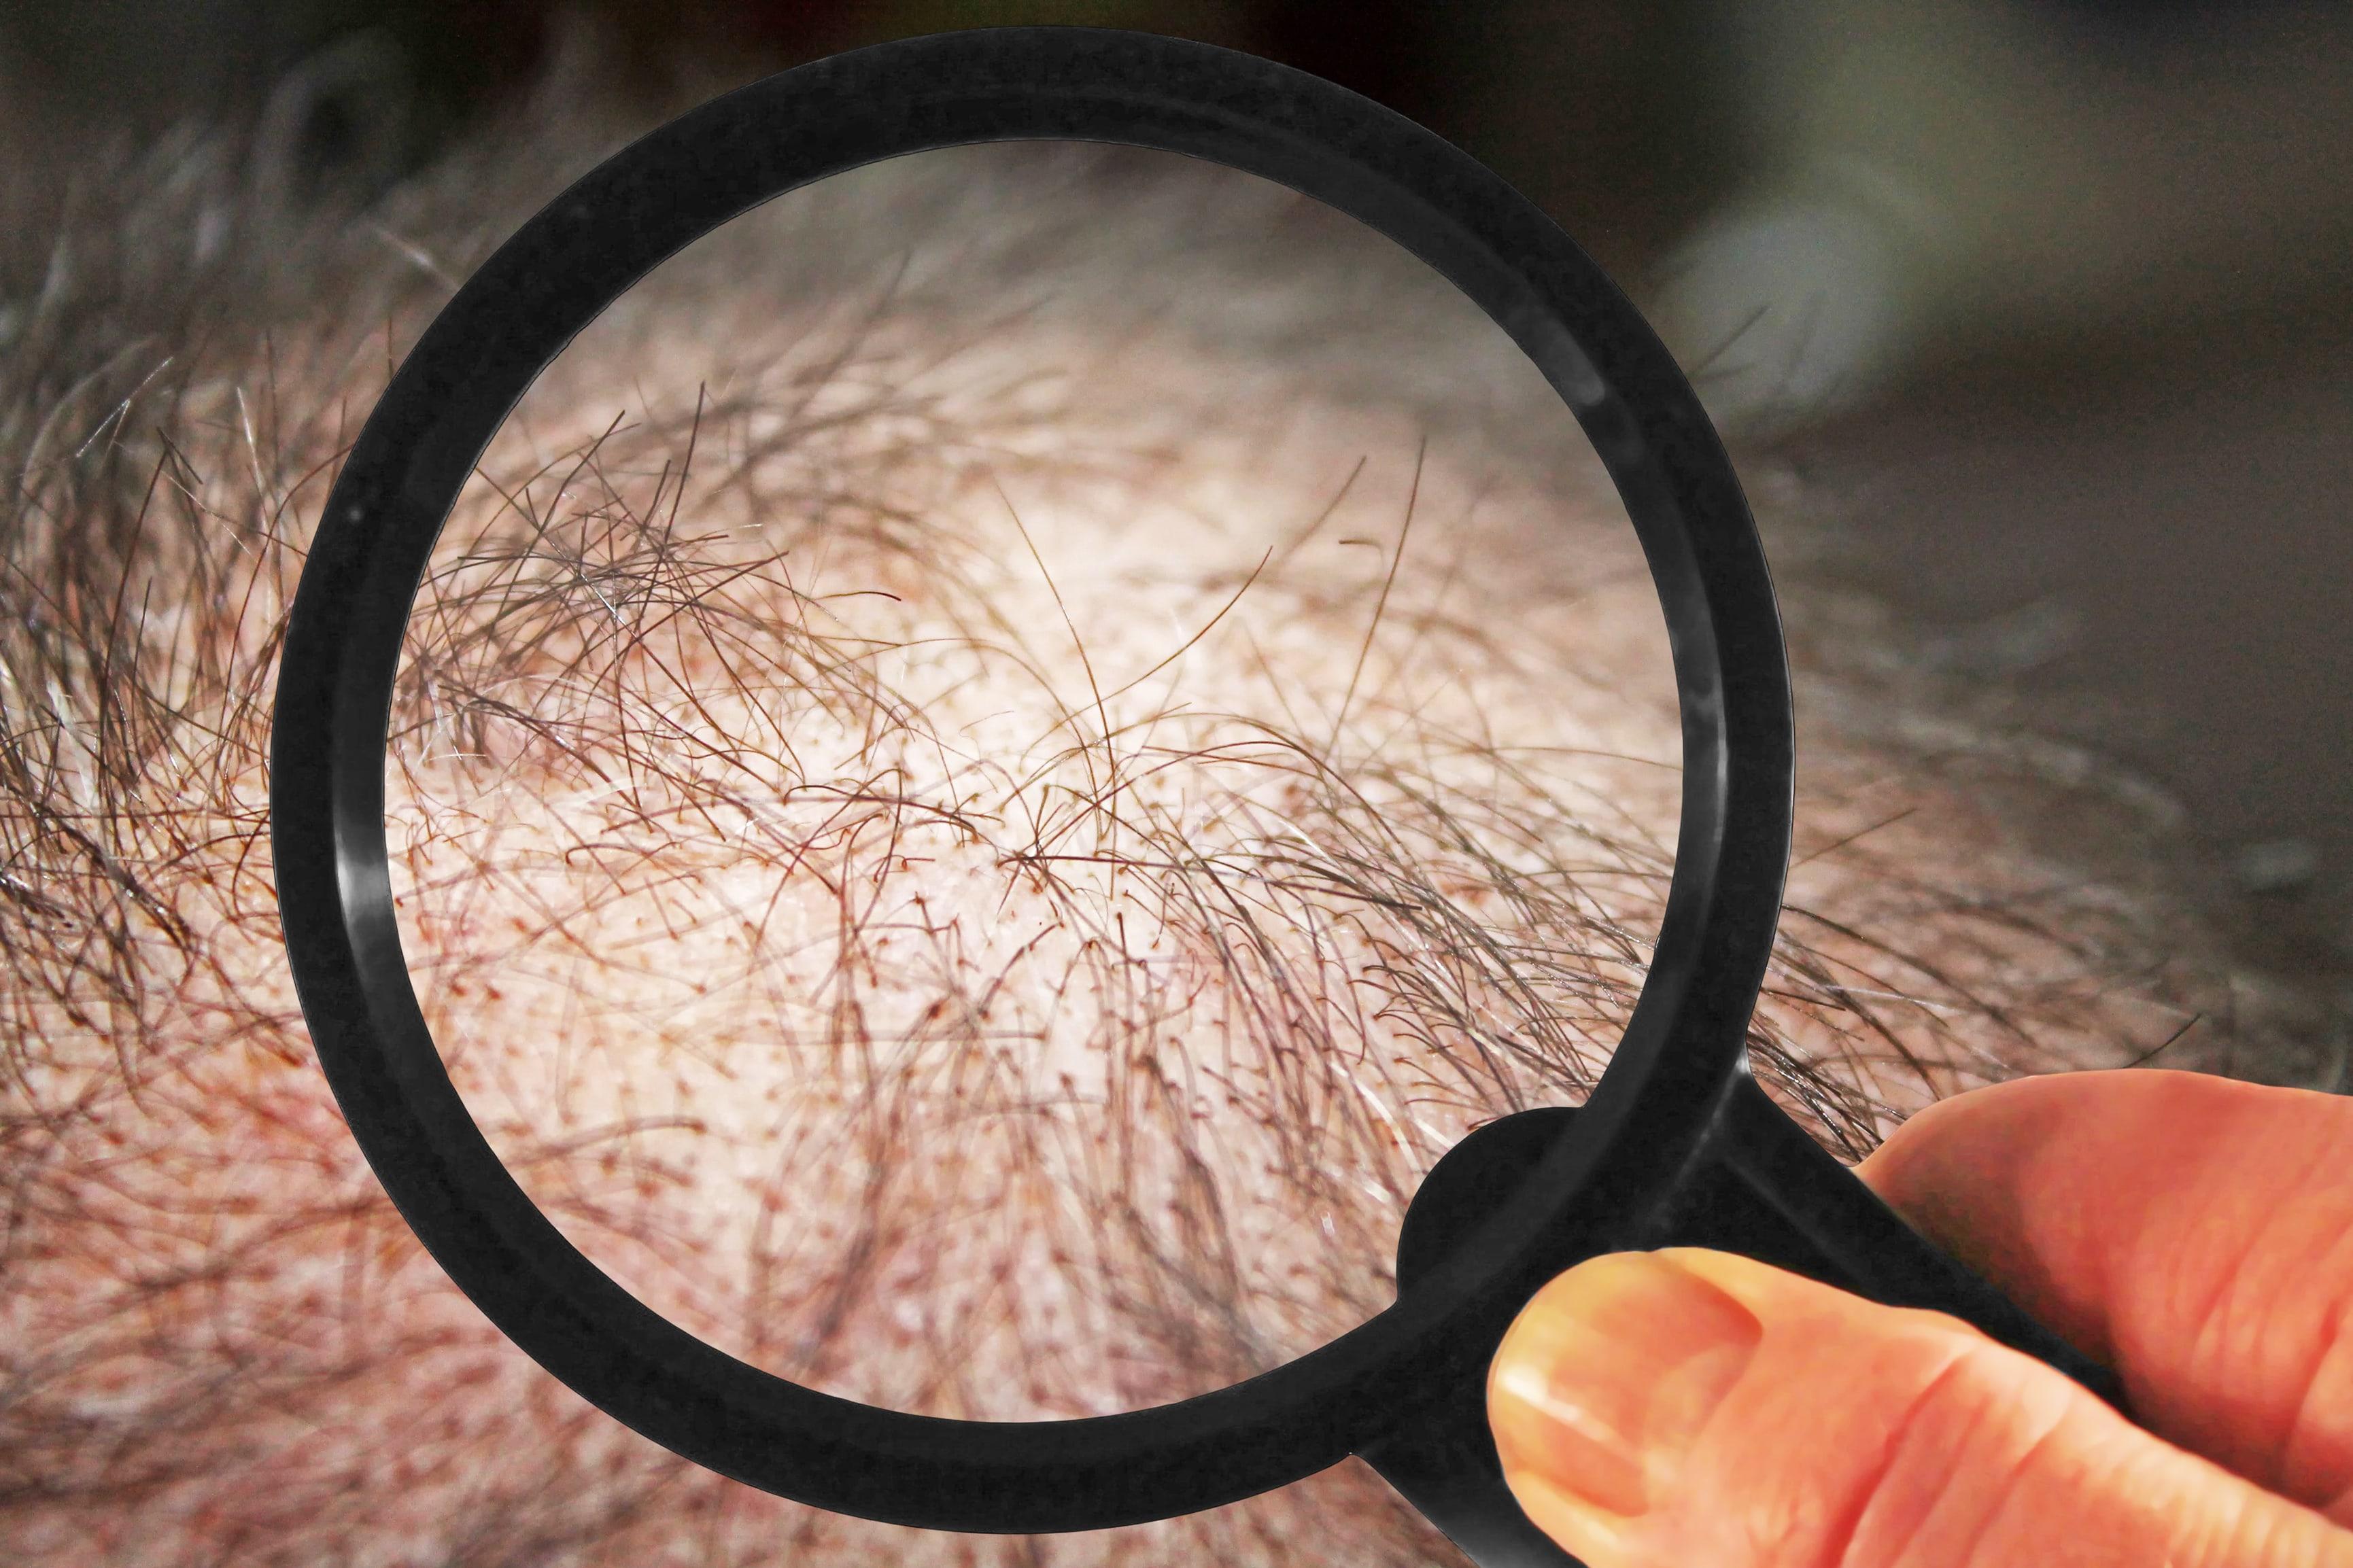 薄毛と虫眼鏡